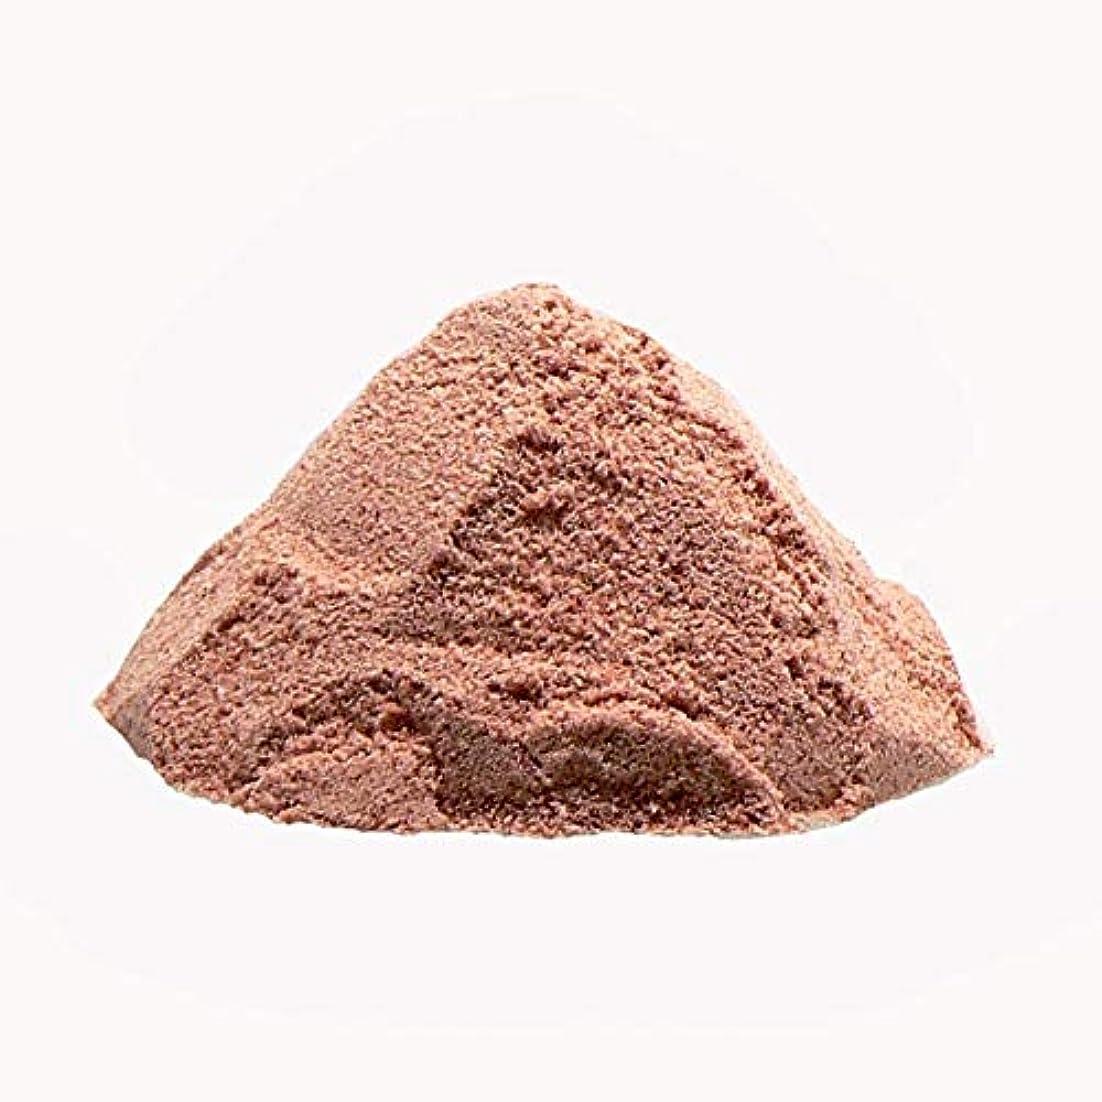 近代化マニア国内のヒマラヤ岩塩 プレミアム ルビーソルト バスソルト(パウダー)ネパール産 ルビー岩塩 (600g×2個セット)